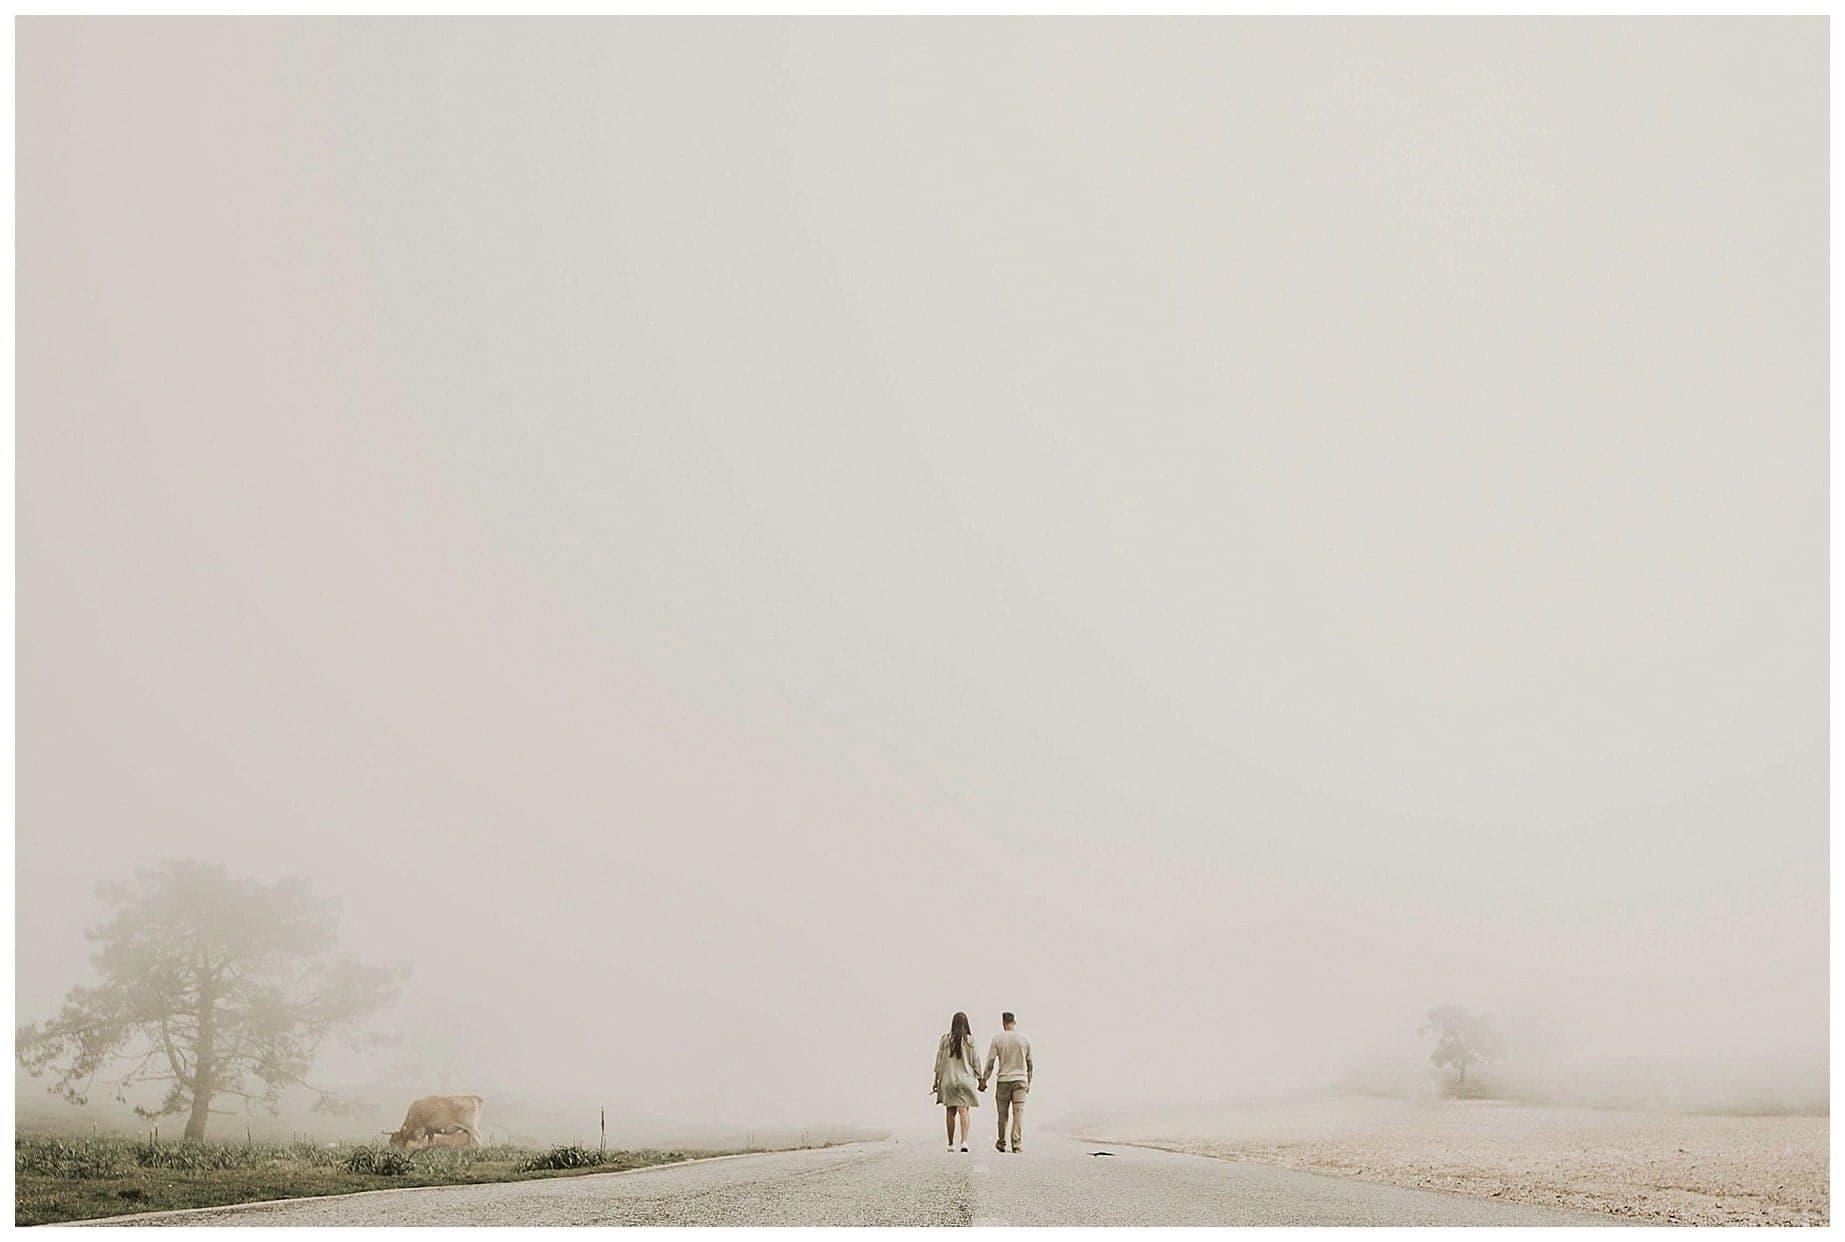 Visita nuestras Redes Sociales y comparte!! - Foógrafo de Bodas en Pontevedra y Vigo - Msanz Photographer